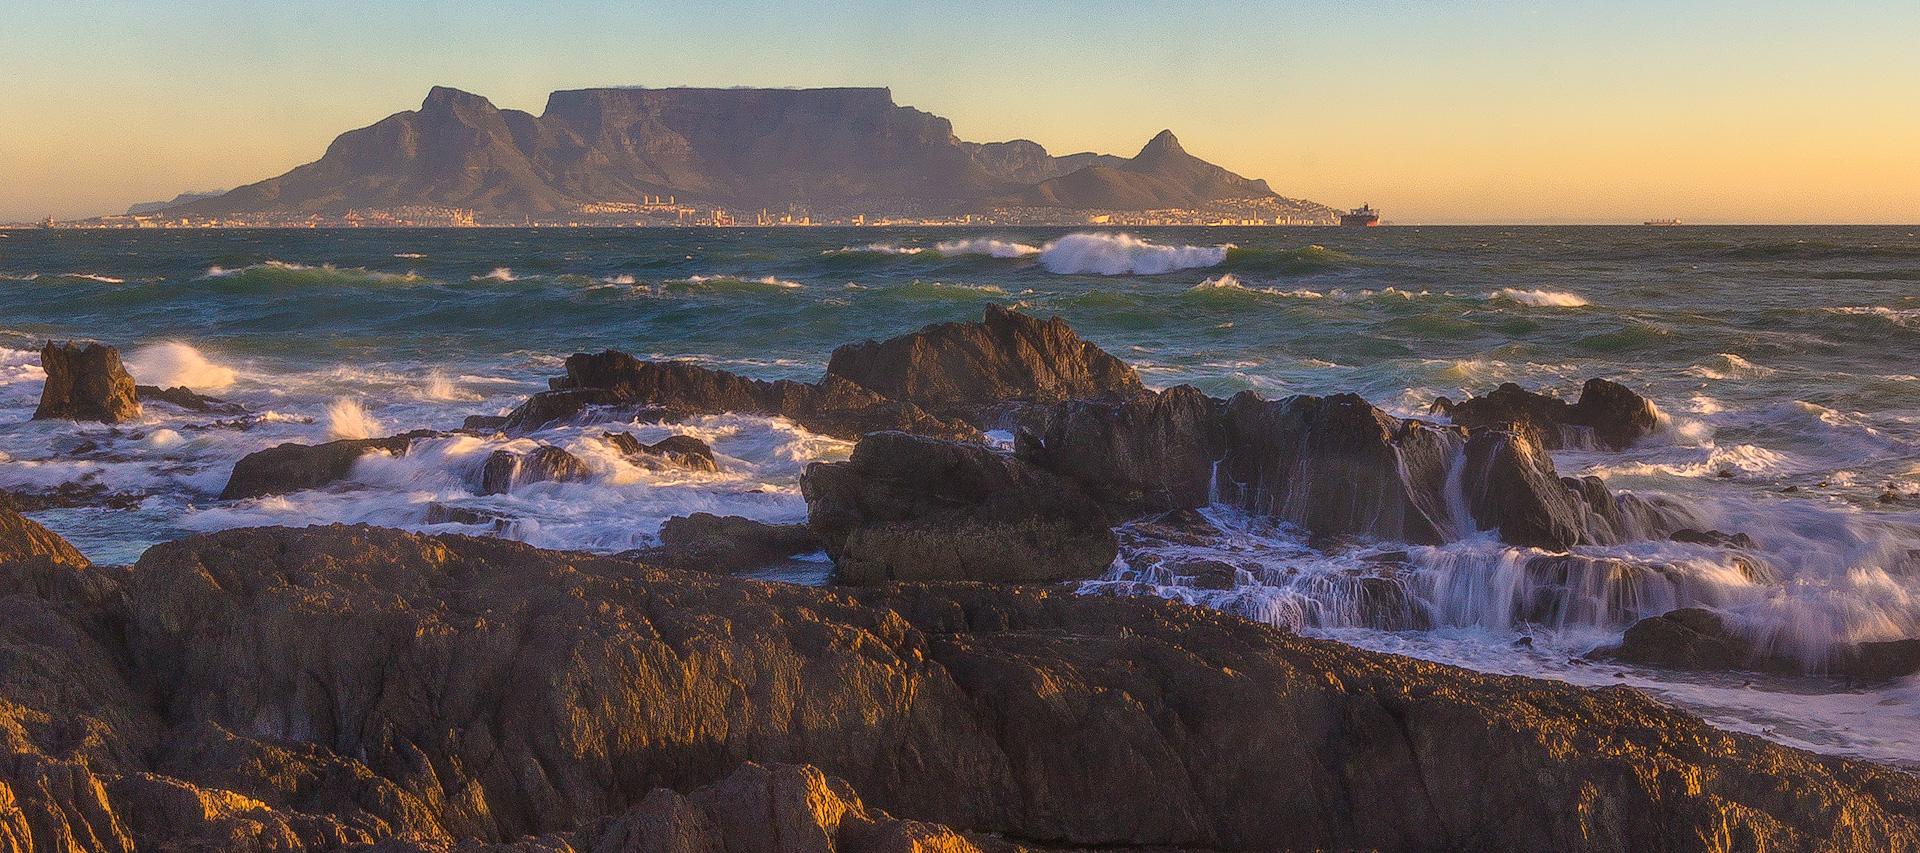 Aussicht vom Bloubergstrand zum Tafelberg in Kapstadt Südafrika.